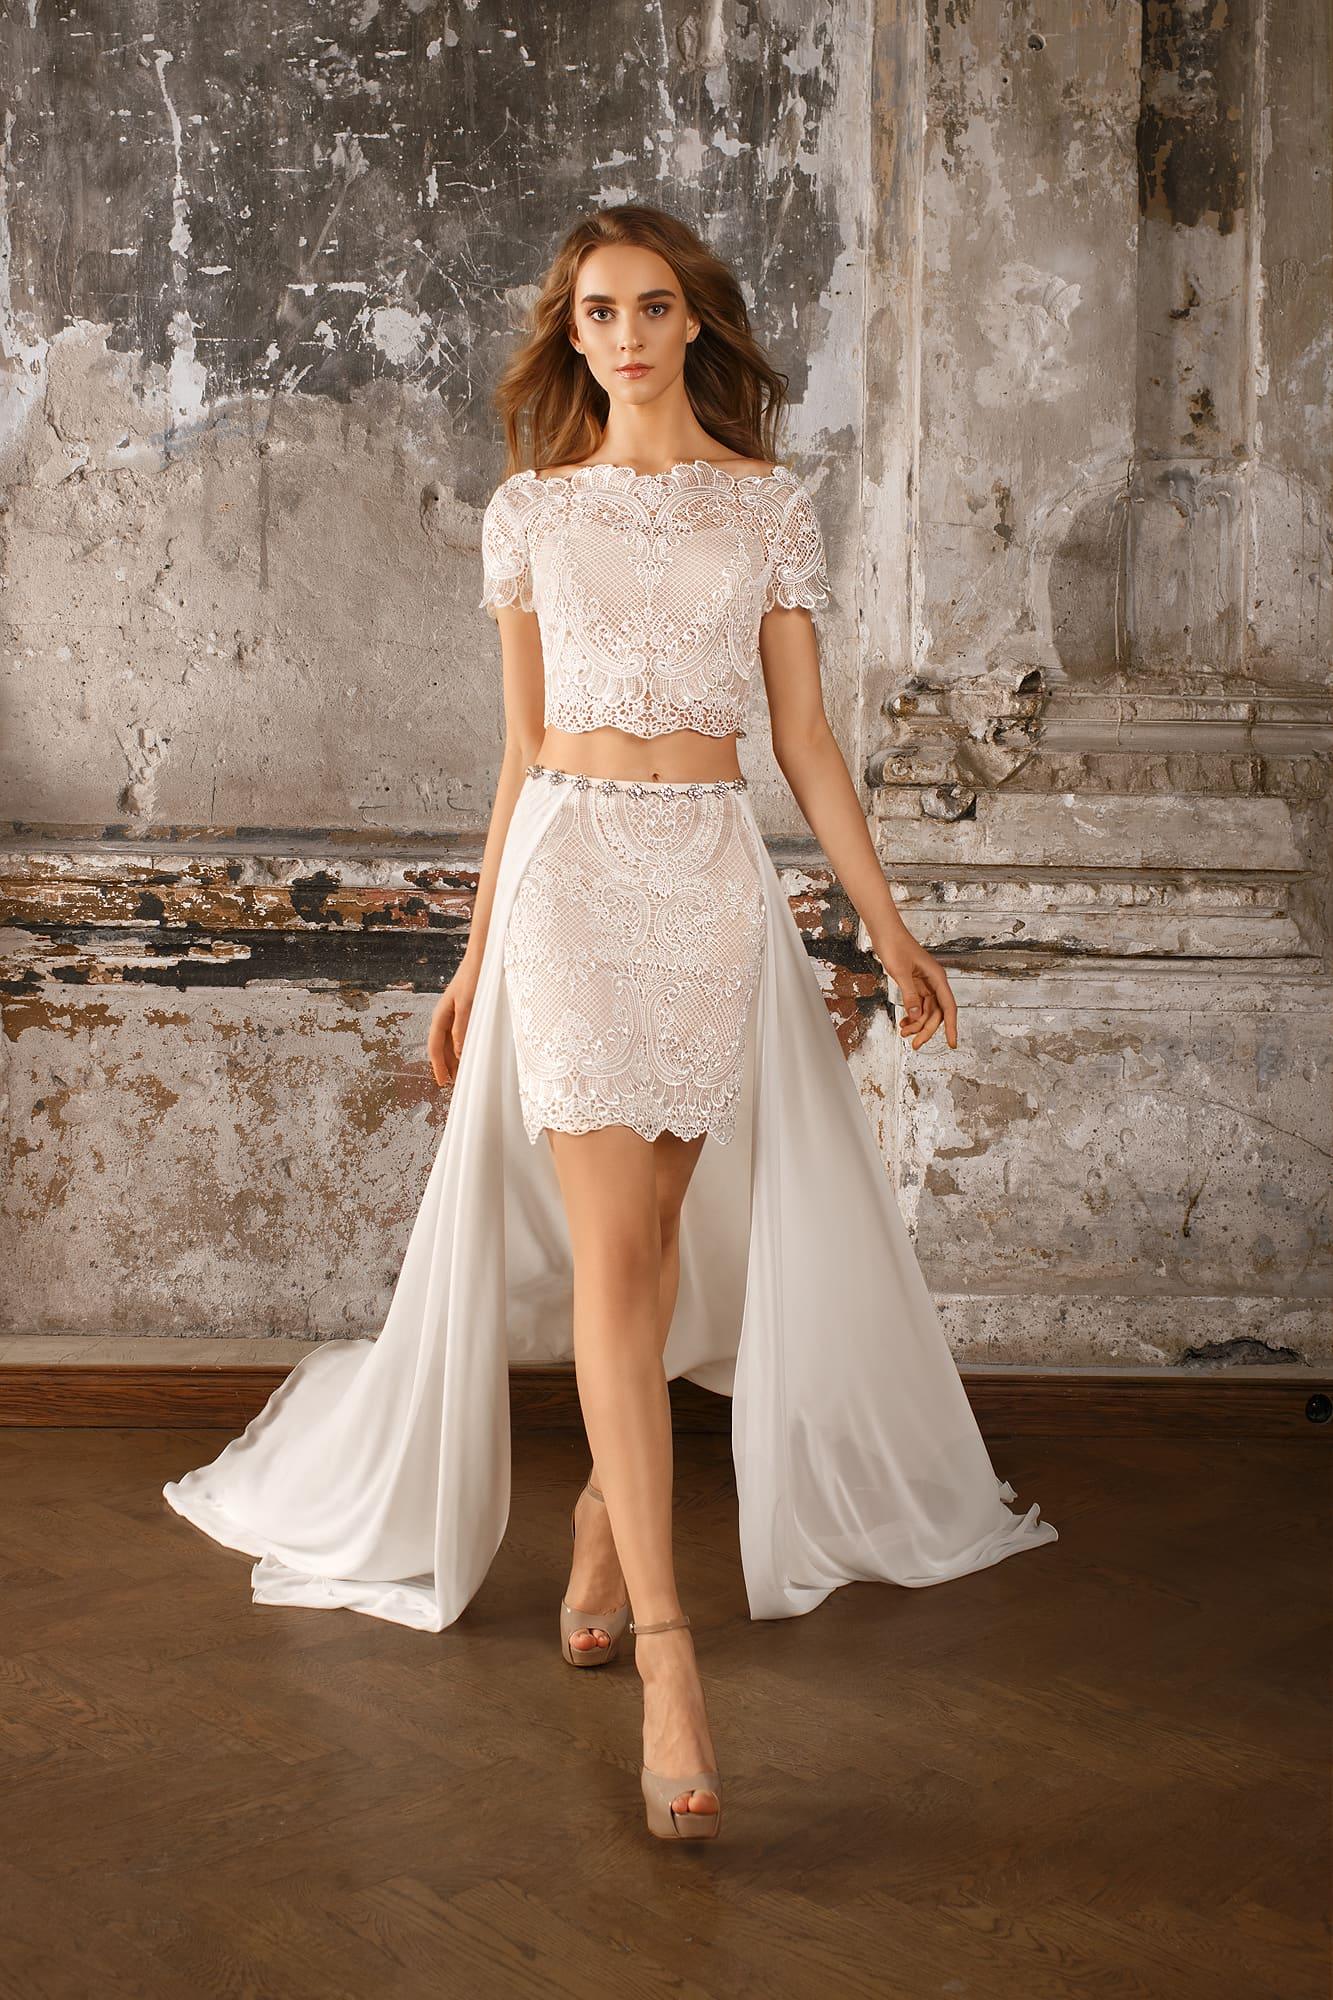 50111a7c71a Свадебное платье с укороченным топом из кружева и короткой юбкой с  шифоновым шлейфом.